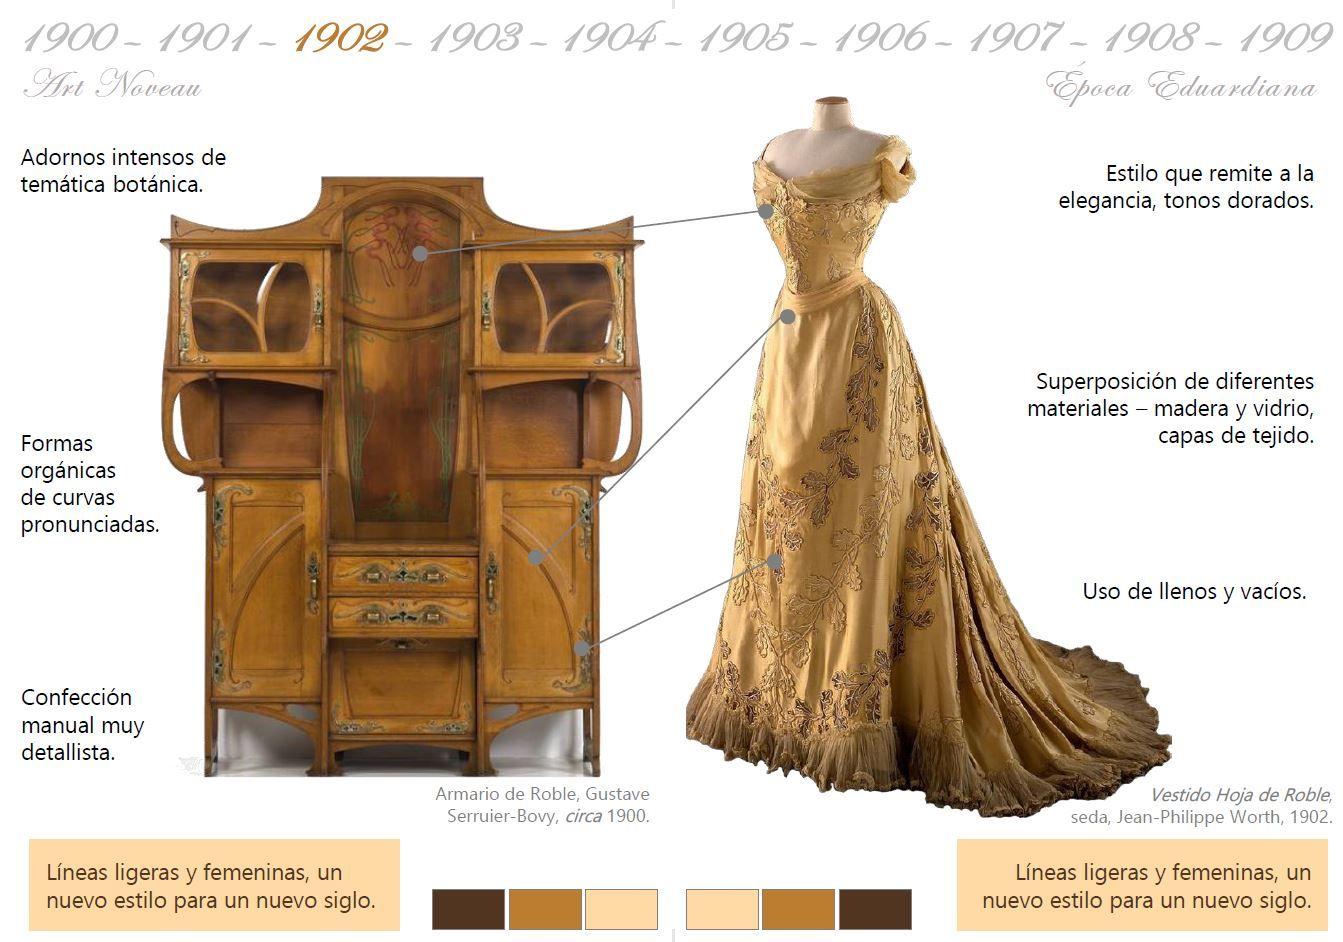 Historia moda y mueble 1902 art noveau mobiliario y moda for Caracteristicas del mobiliario